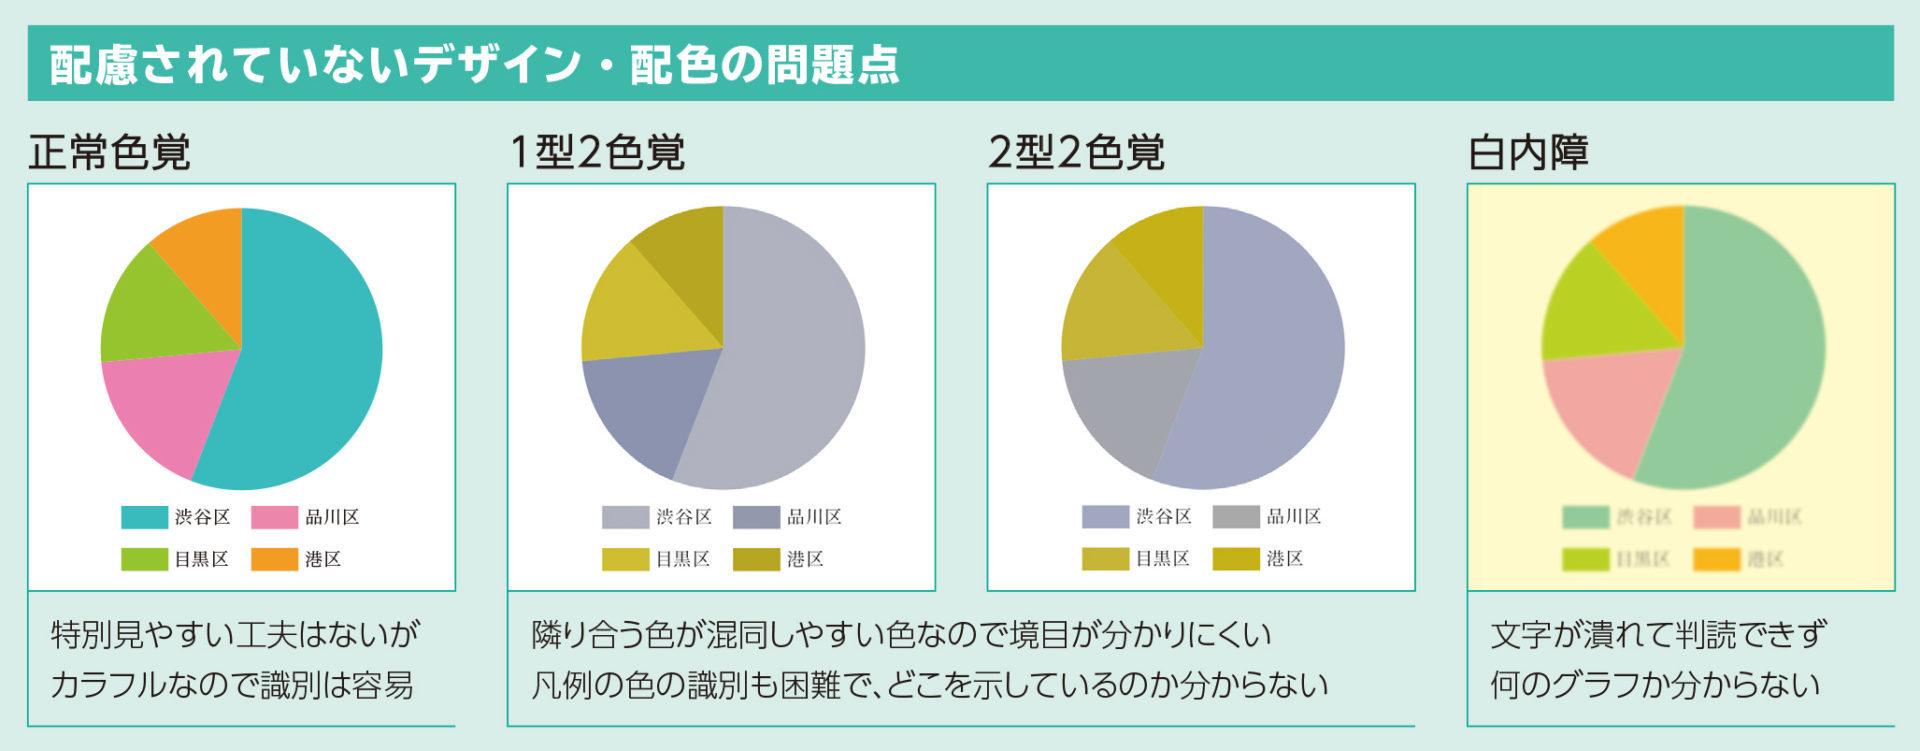 視力・色覚に配慮していない円グラフの例。視認性が低く見づらい。